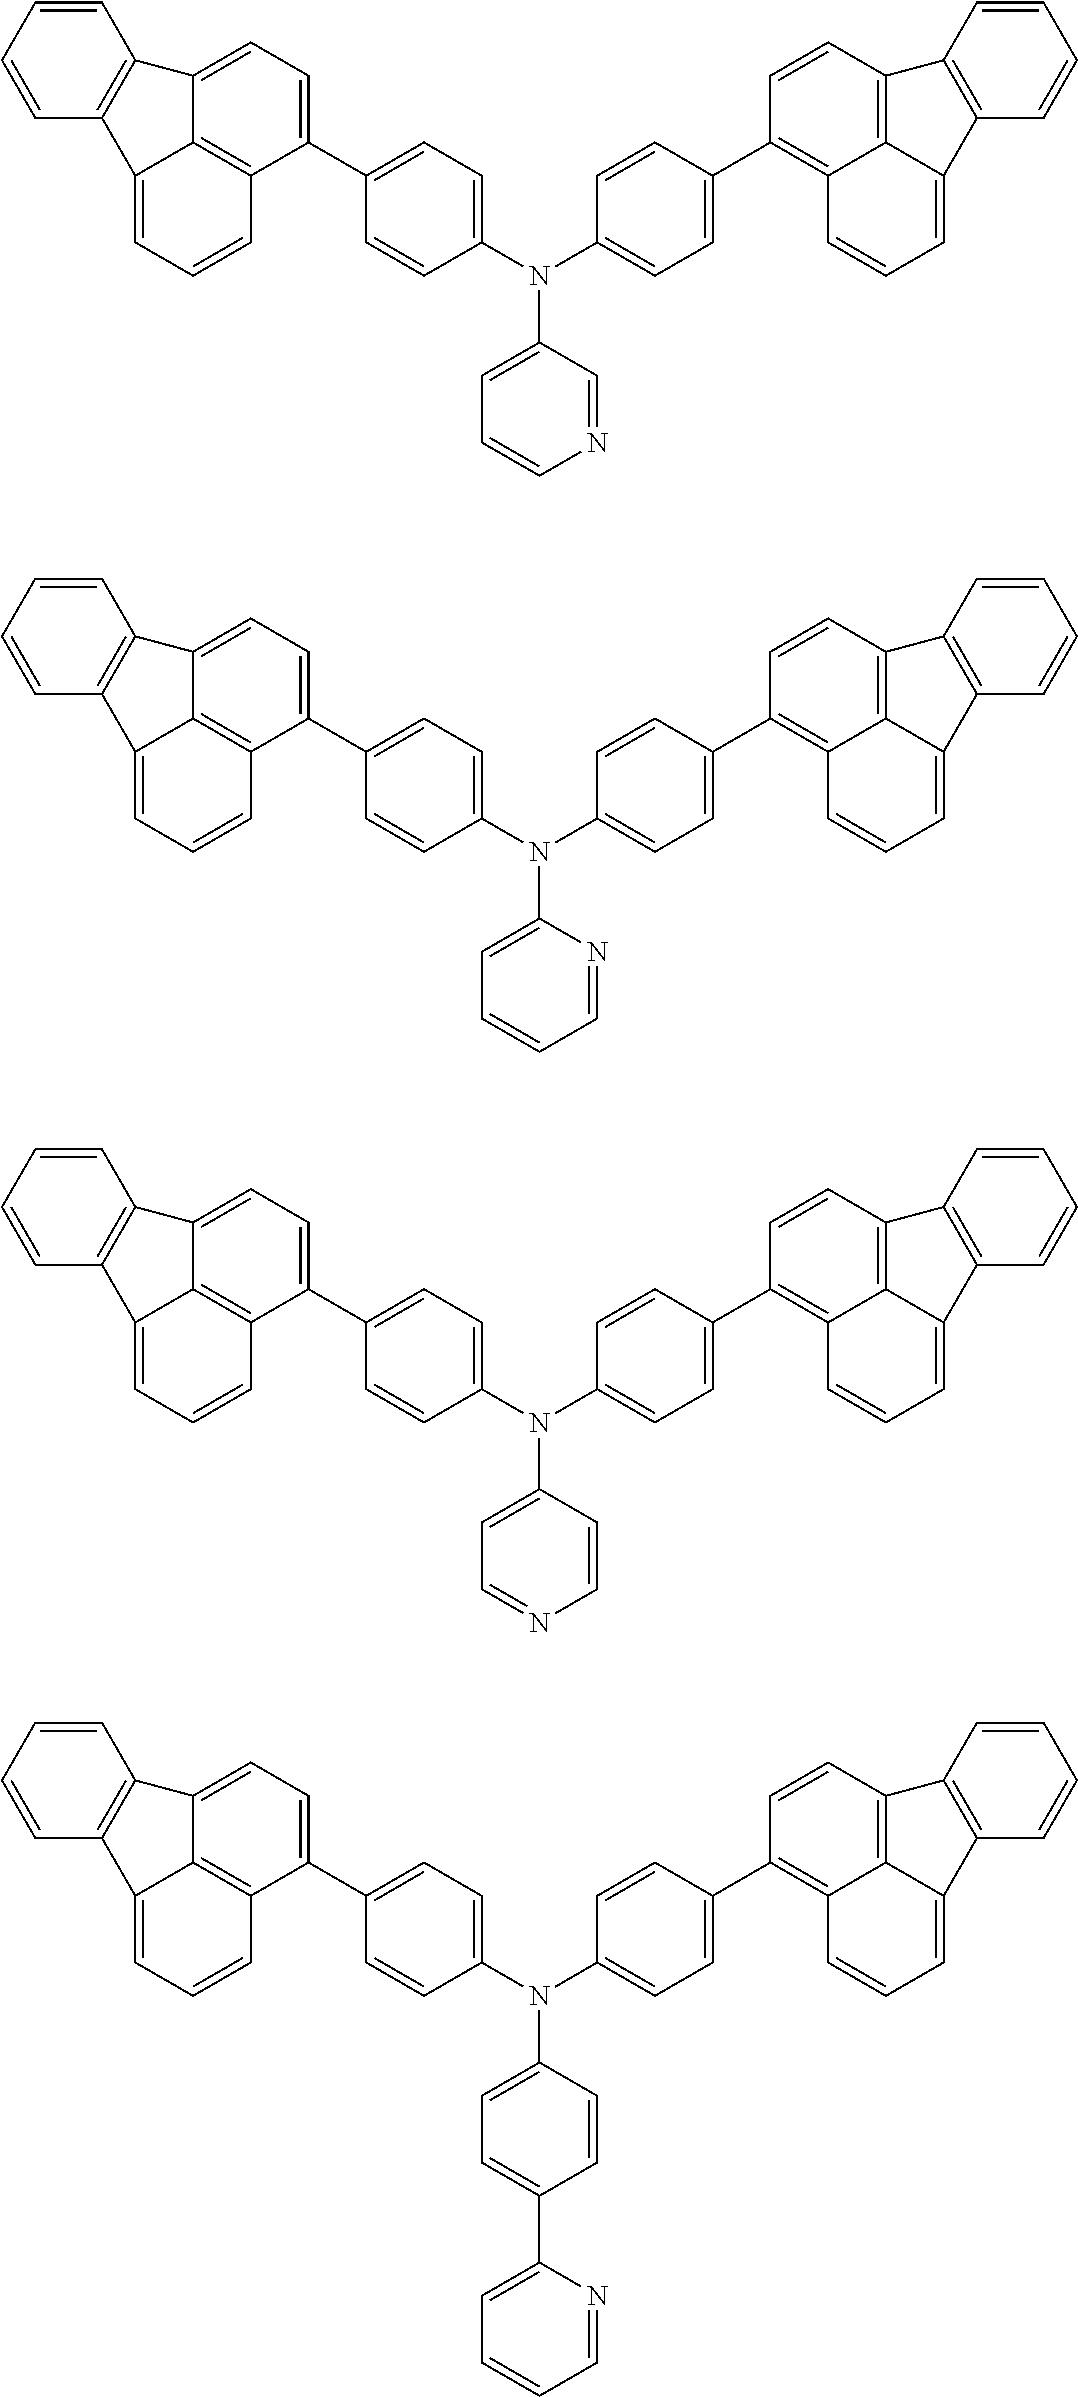 Figure US20150280139A1-20151001-C00106